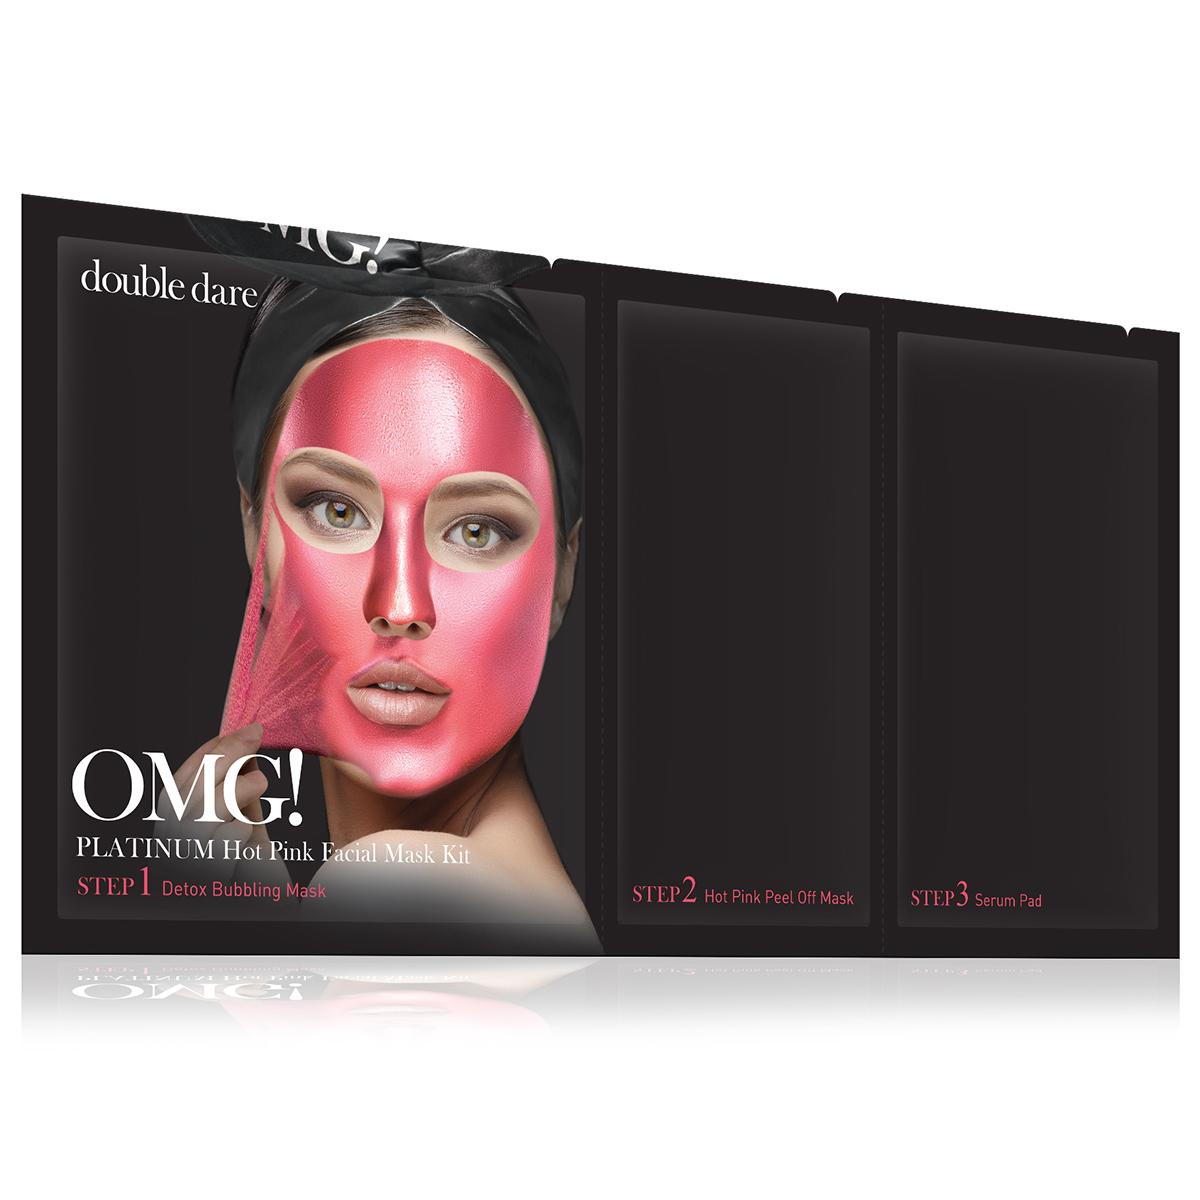 Double Dare OMG! Platinum Hot Pink Facial Mask Kit Маска трехкомпонентная для ухода за кожей лица розовая011869Яркая маска серии Double Dare OMG! Platinum разработана с использованием передовых технологий по очищению лица и уникального состава компонентов.Маска глубоко очищает и увлажняет кожу, придает коже мягкость и свежесть, обладает антивозрастным эффектом.Отличительной чертой розовой маски является присутствие в составе розы и пеларгонии для увлажнения и себоконтроля.Три простых шага для глубокого очищения, улучшения цвета и общего состояния кожи лица!Шаг 1. Детокс кислородная маска для глубокого очищения.Кислородная маска-детокс аккуратно очищает кожу и придает лицу свежесть и сияние.Способ применения:Нанесите маску на кожу до или после снятия макияжа. Оставьте маску на лице на 1-3 минуты. Тщательно смойте маску водой и высушите лицо.Состав:Water, Glycerin, Cocamidopropyl Betaine, Dipropylene Glycol, Disiloxane, Methyl Perfluorobutyl Ether, Water, Methyl Perfluoroisobutyl Ether, Butylene Glycol, Sodium Cocoyl Apple Amino Acids, Hexylene Glycol, Hydroxyethylcellulose, 1,2-Hexanediol, Sodium Chloride, Ethylhexylglycerin, Disodium EDTA, Phenoxyethanol, Fragrance.Шаг 2. Очищающая маска-пленка.Нежная маска-пленка с розой и пеларгонией для увлажнения и себоконтроля.Способ применения:Нанесите тонкий ровный слой маски на лицо. Оставьте маску на лице на 20-30 минут до полного высыхания. Очистите лицо от маски.Состав:Water, Polyvinyl Alcohol, Alcohol, Dipropylene Glycol, Mica, Titanium Dioxide, Synthetic Fluorphlogopite, Polysorbate 20, Xanthan Gum, Butylene Glycol, Glycerin, Polymethylsilsesquioxane, Isohexadecane, Dimethicone, Steareth-21, Steareth-2, Ficus Carica (Fig) Fruit/Leaf Extract, Ulmus Davidiana Root Extract, Diospyros Kaki Leaf Extract, Houttuynia Cordata Extract, Eriobotrya Japonica Leaf Extract, Laminaria Japonica Extract, Chlorella Vulgaris Extract, Undaria Pinnatifida Extract, PEG-40 Stearate, Cetearyl Methicone, Montmorillonite, Iron Oxides, Ethylhexyl